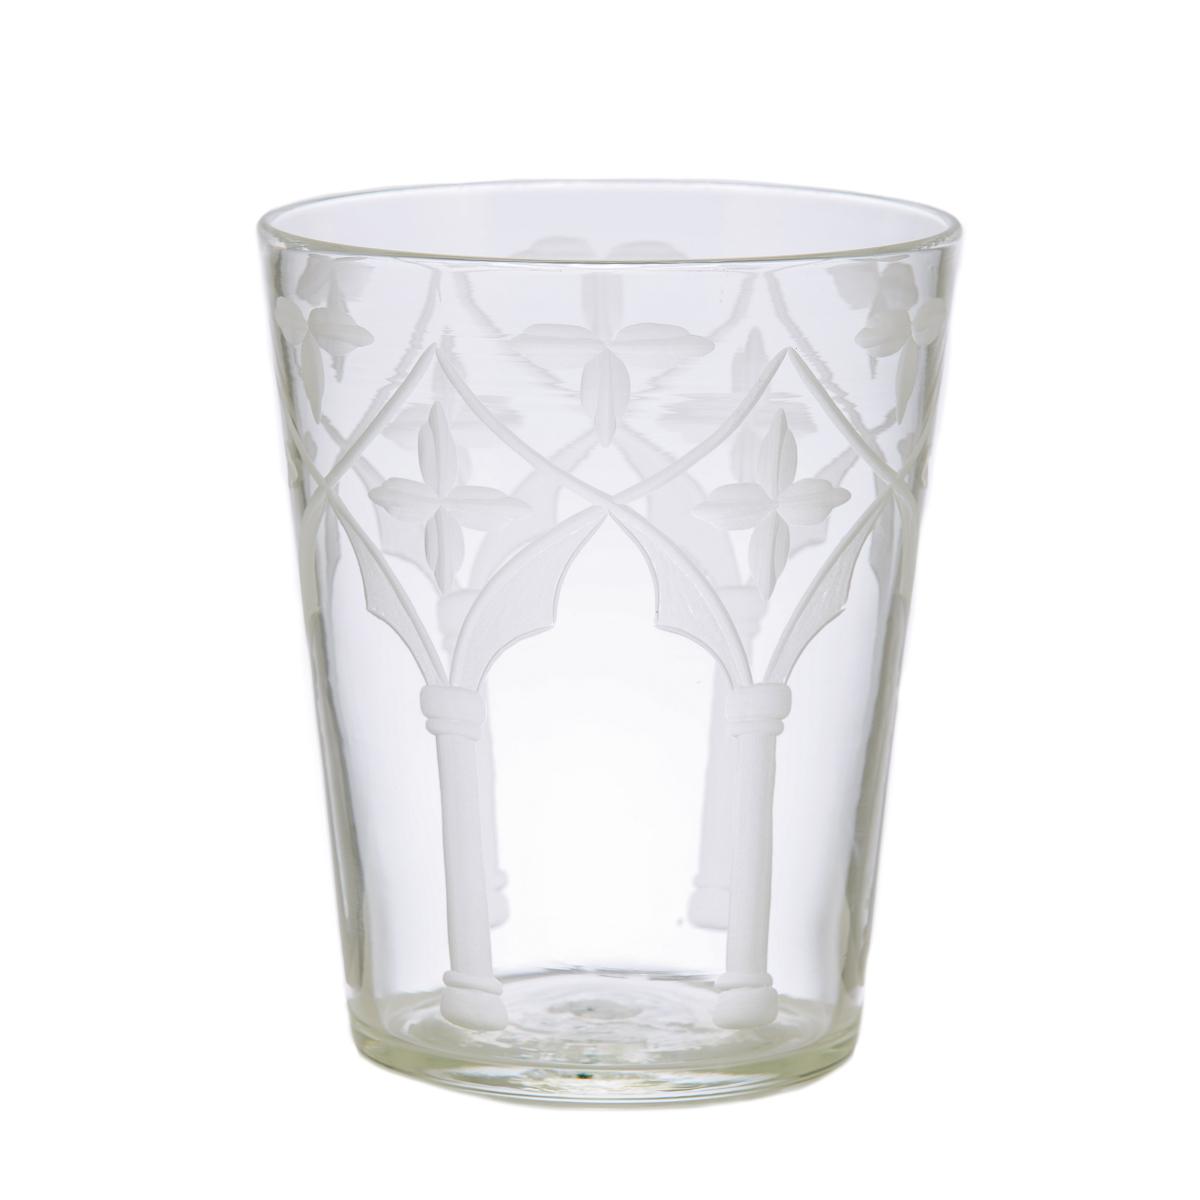 palazzo-ca-doro-water-glass-crystal-murano-giberto-design-precious-luxury-handmade